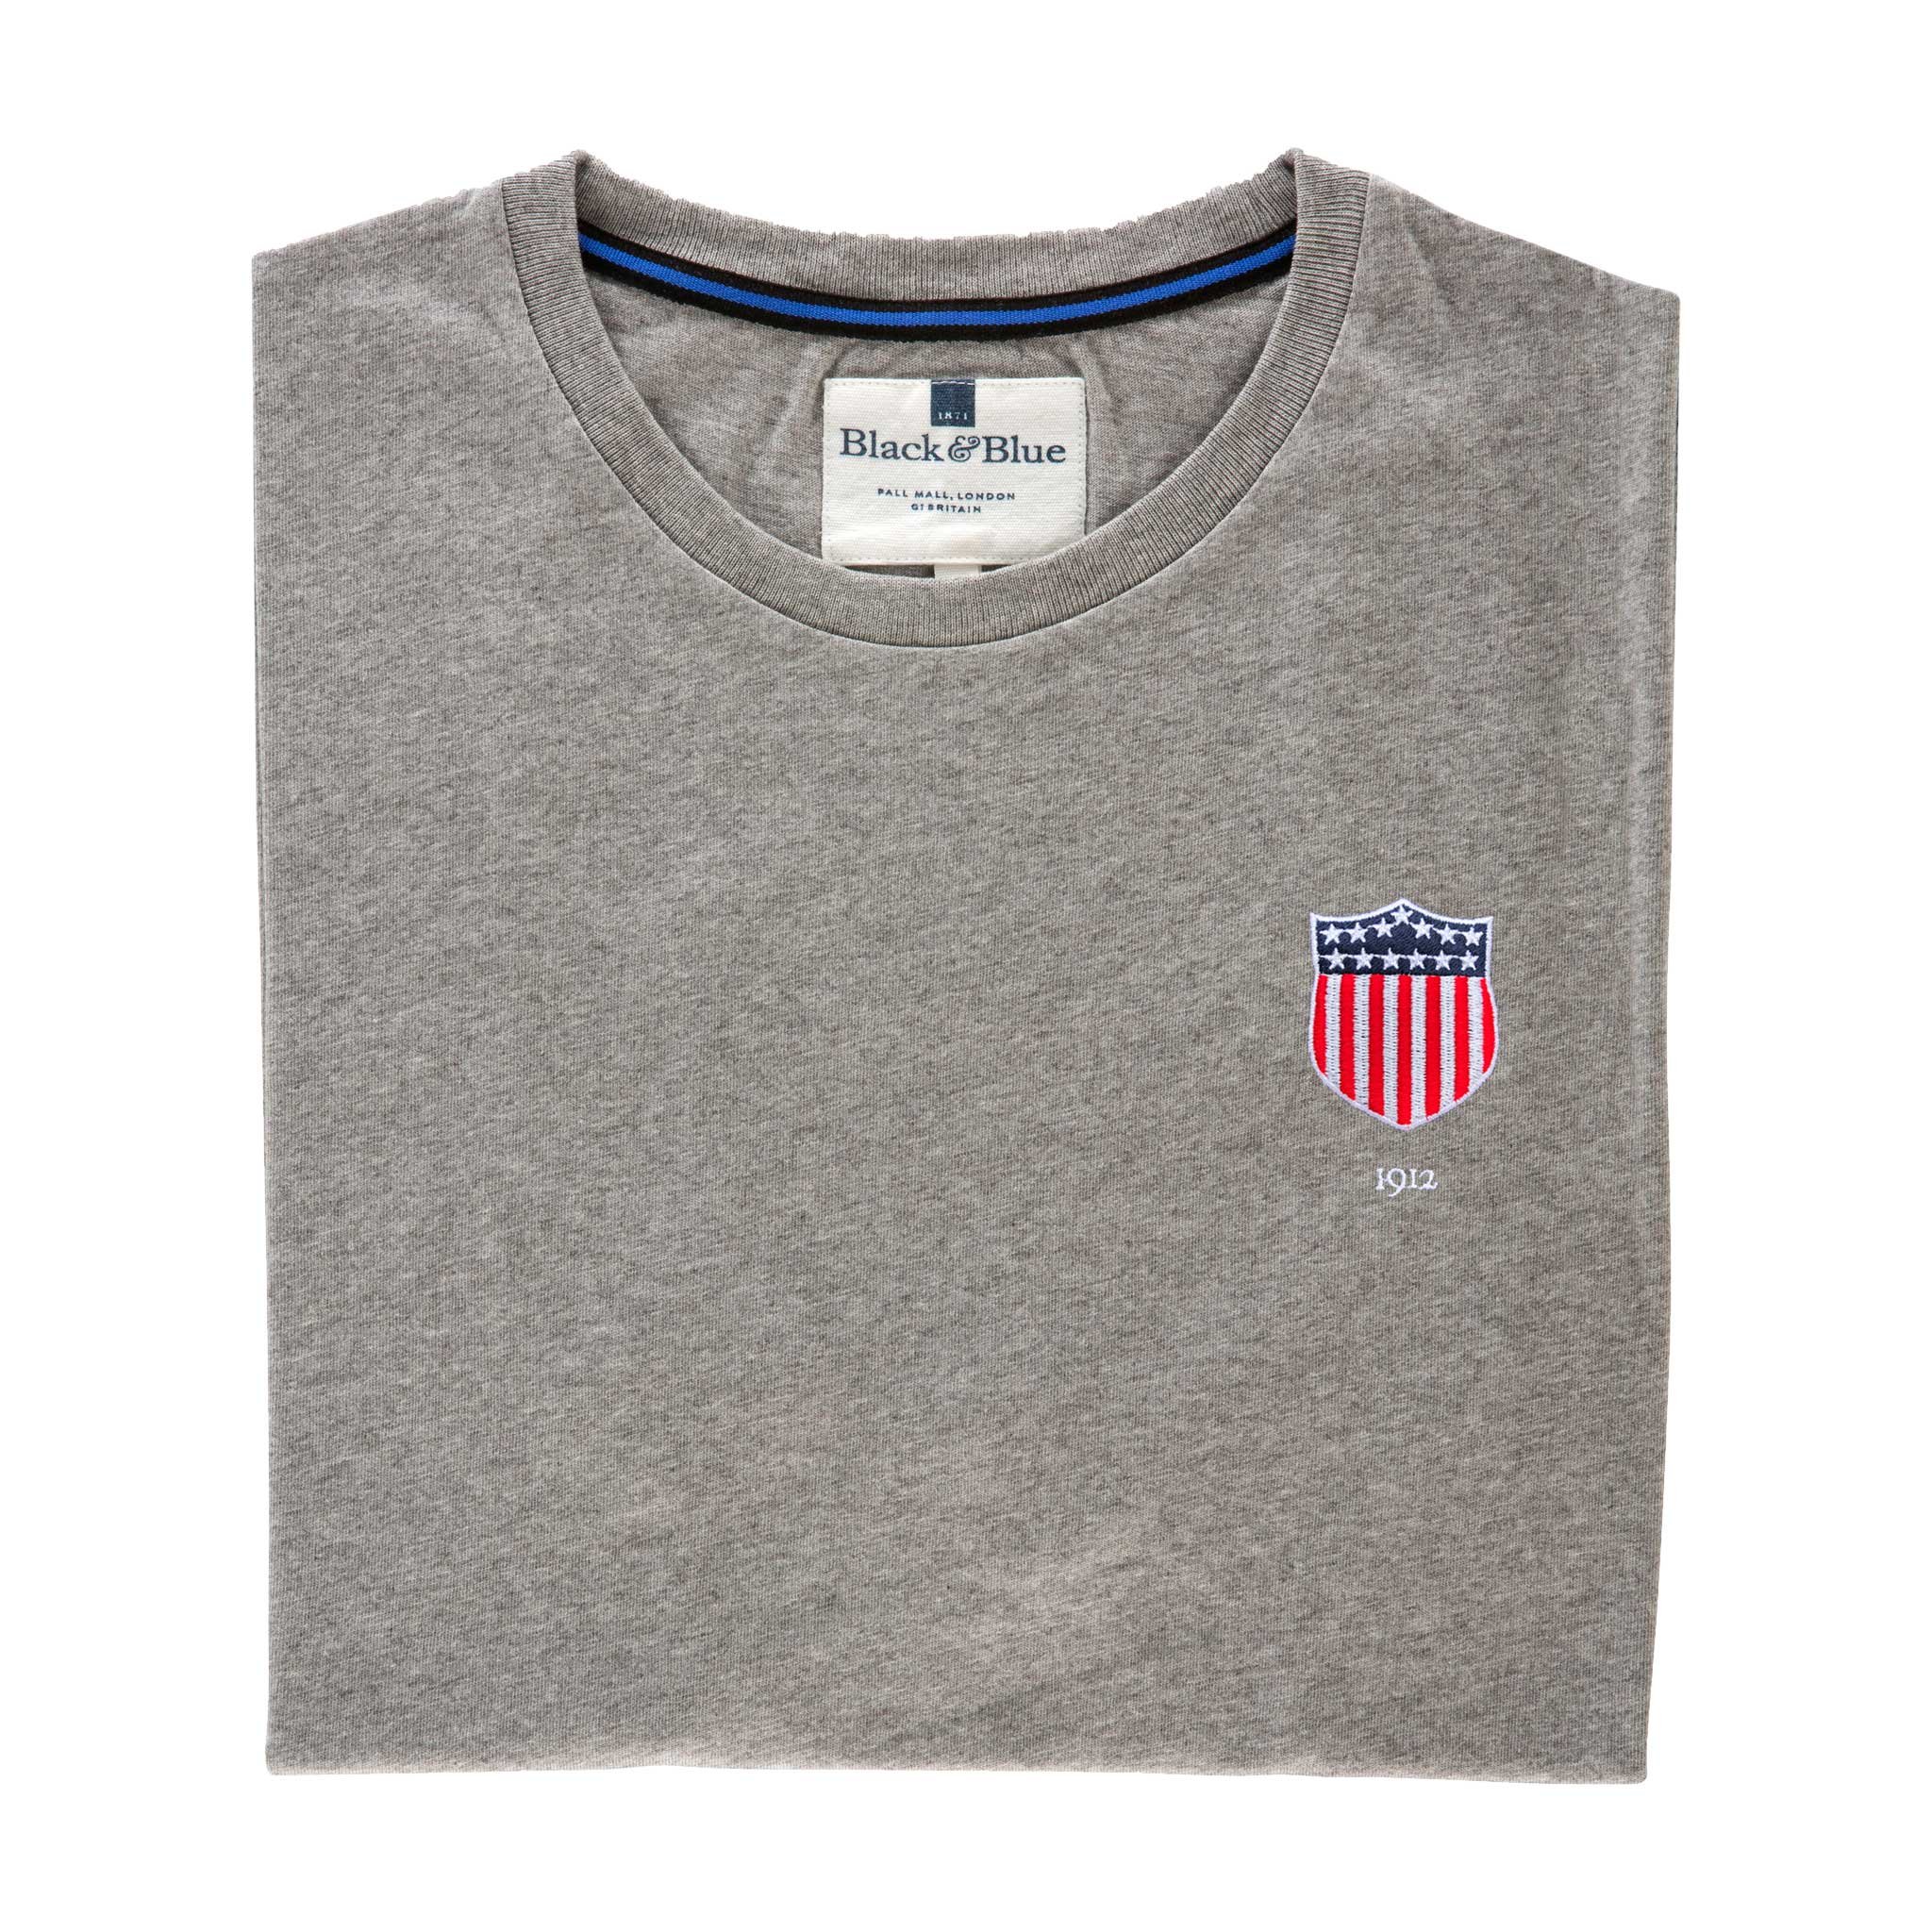 USA 1912 Grey Tshirt_Folded